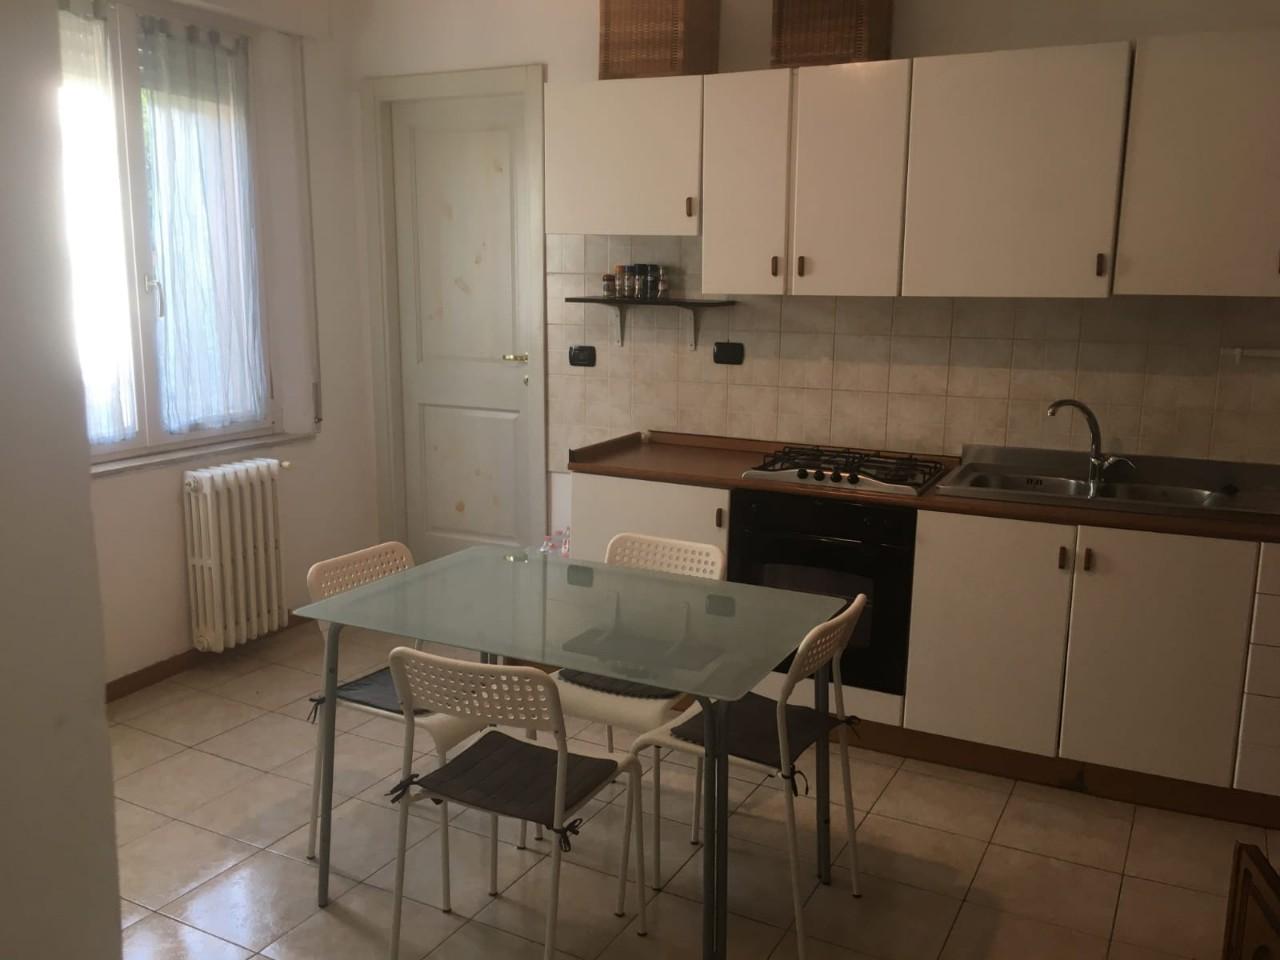 Camera Singola-doppia in affitto Parma Zona Centro storico